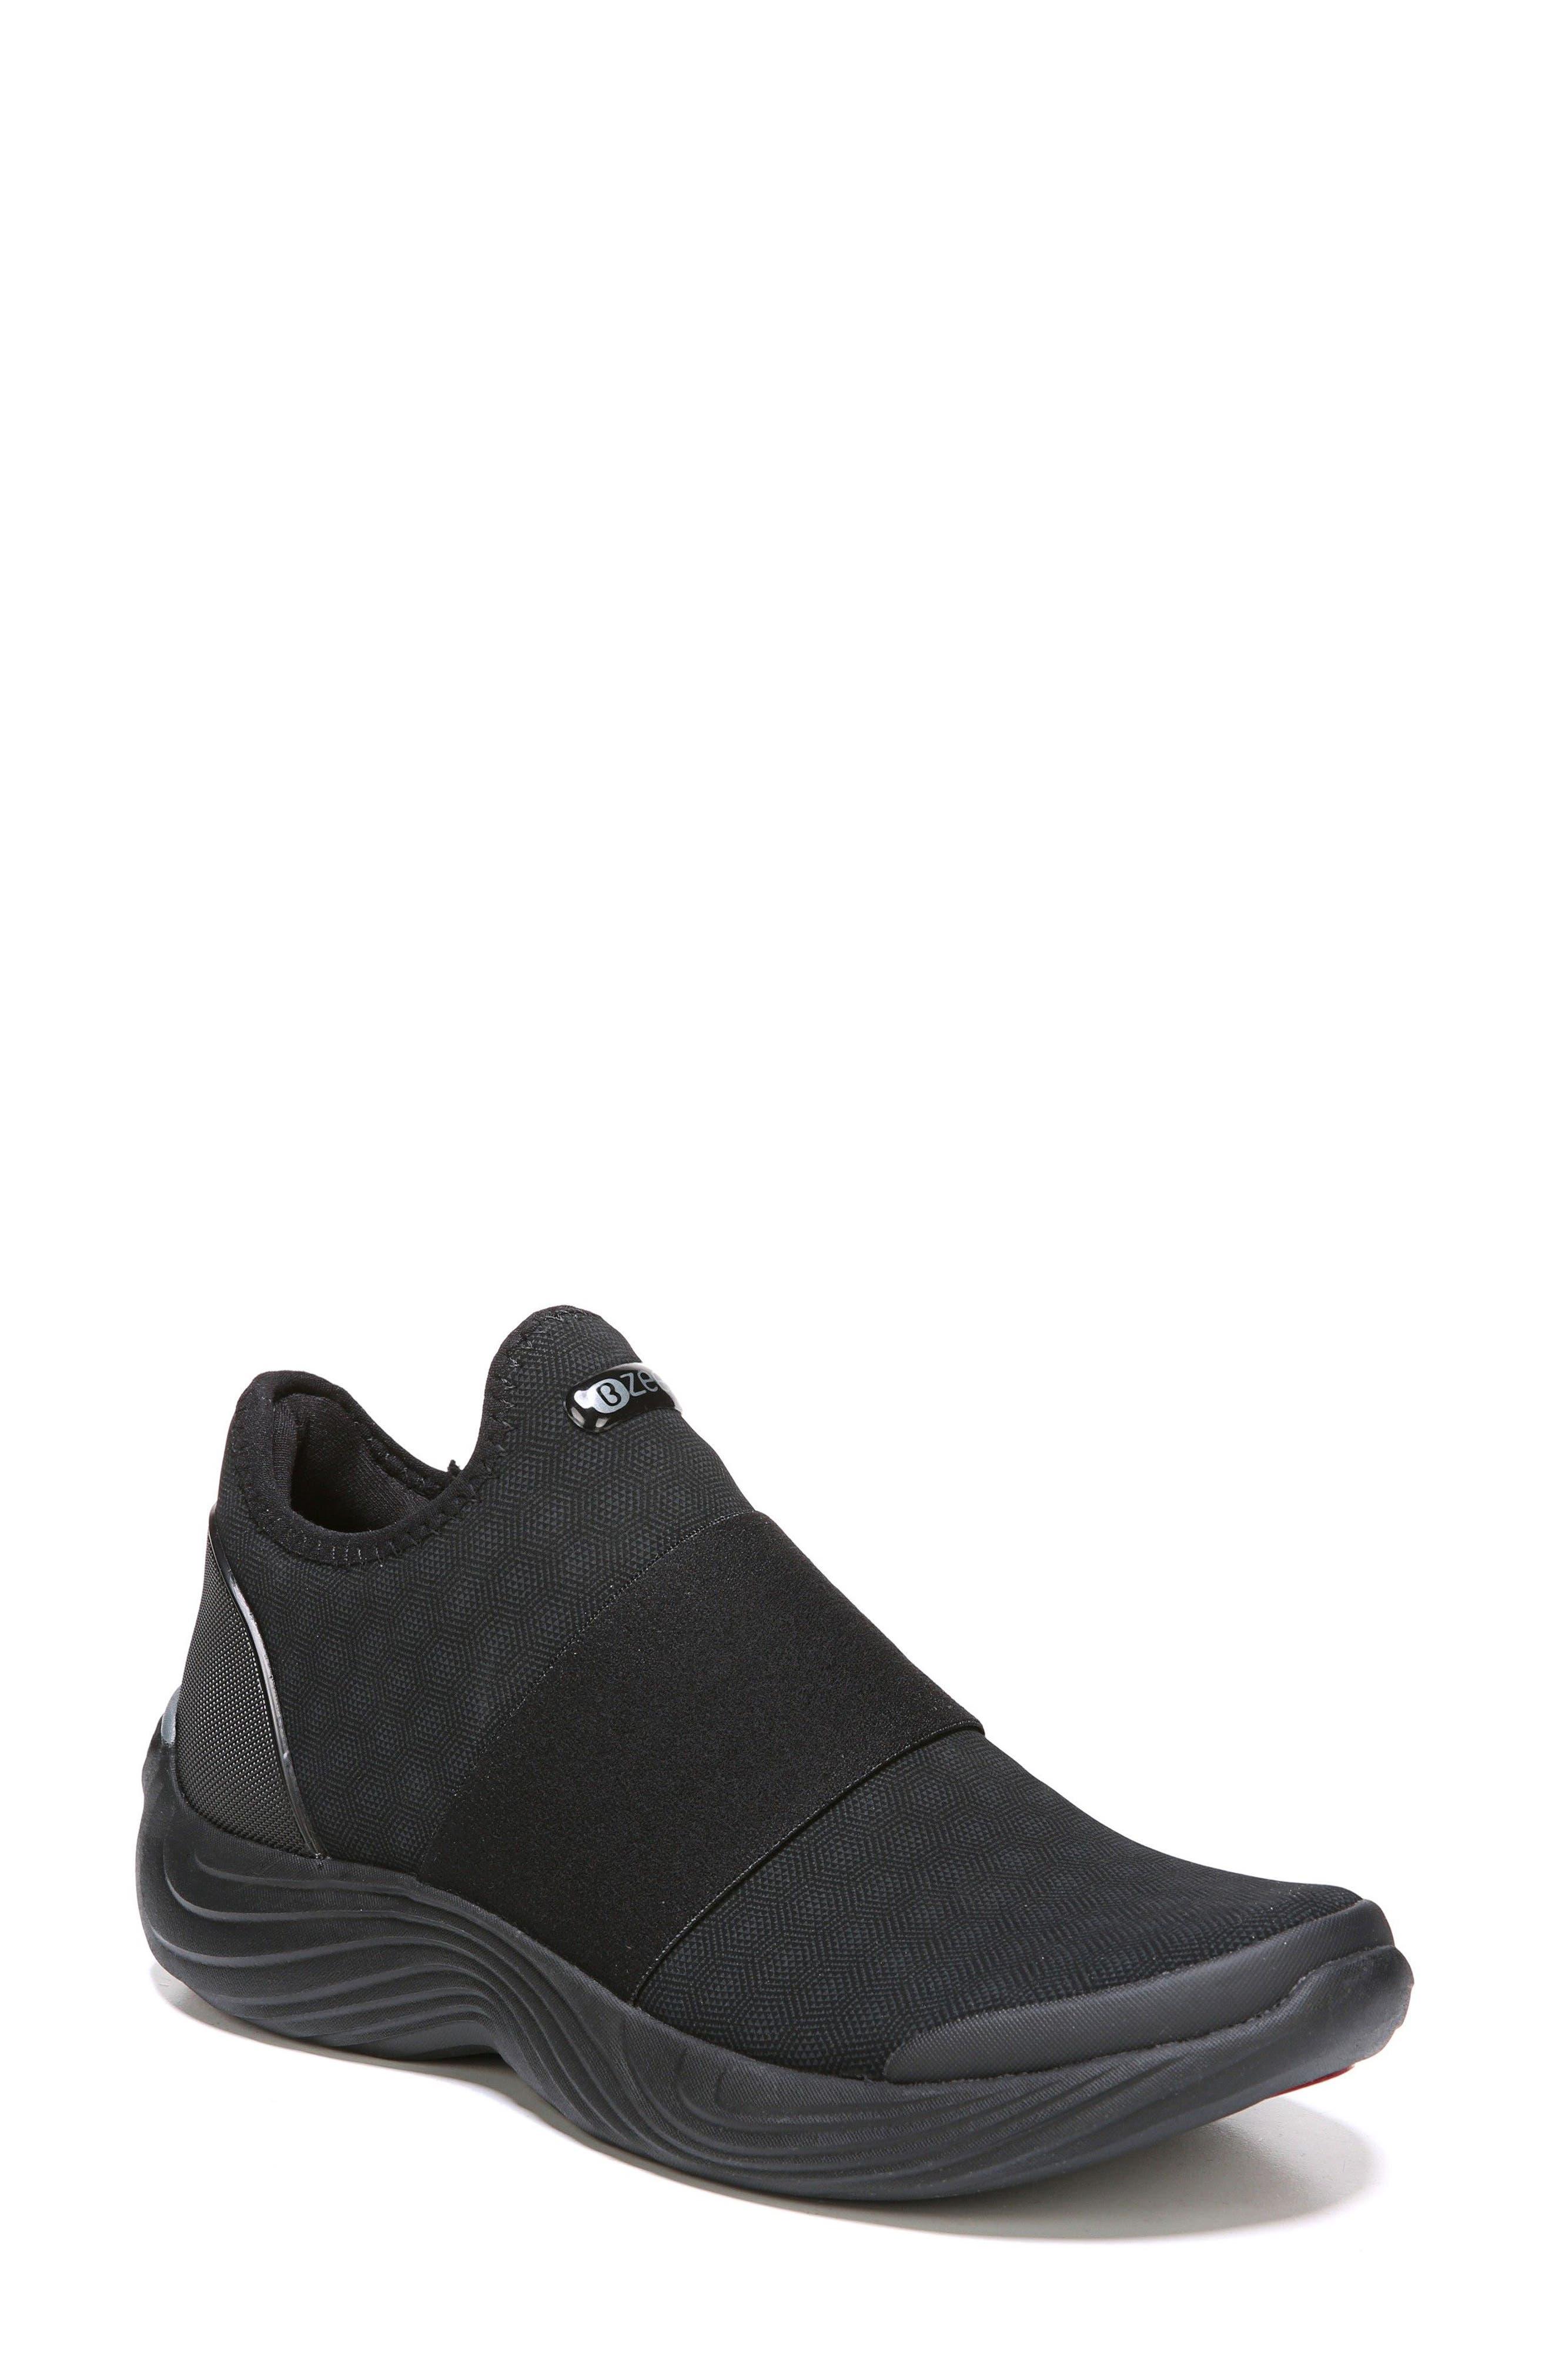 Alternate Image 1 Selected - BZees Terri Slip-On Sneaker (Women)